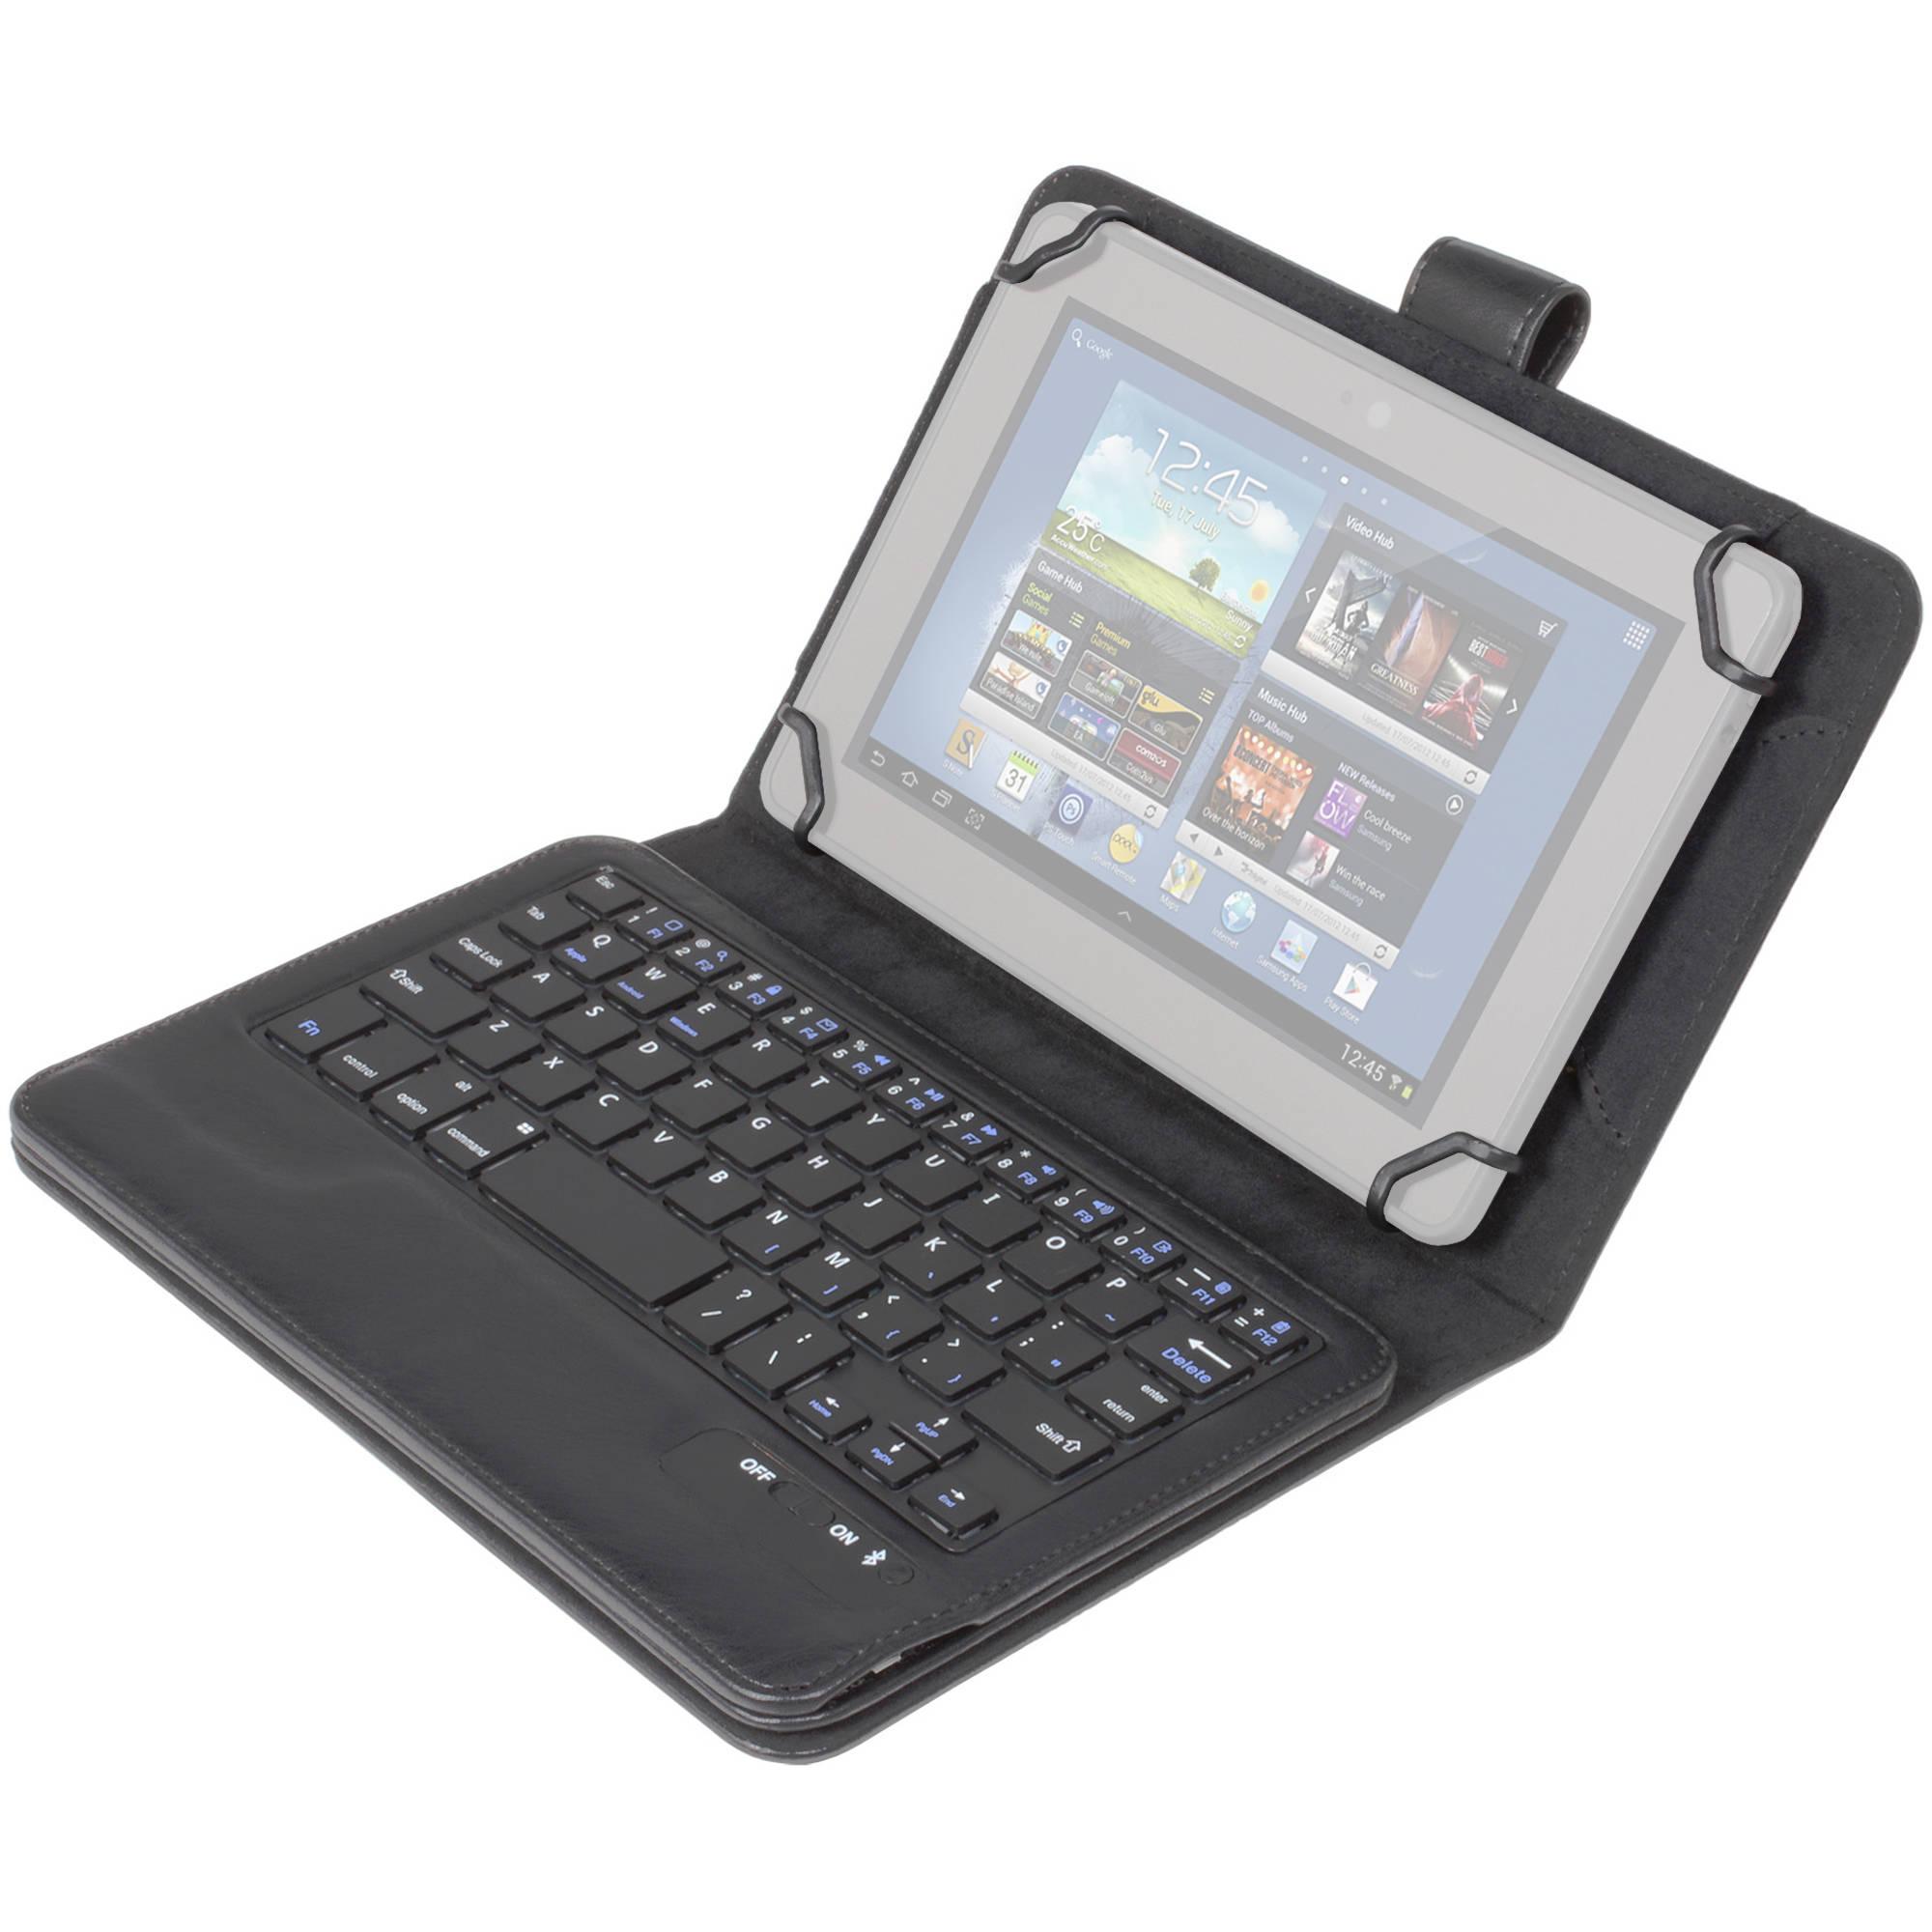 DIGITAL TREASURES Props Universal Bluetooth Keyboard 09241-PG